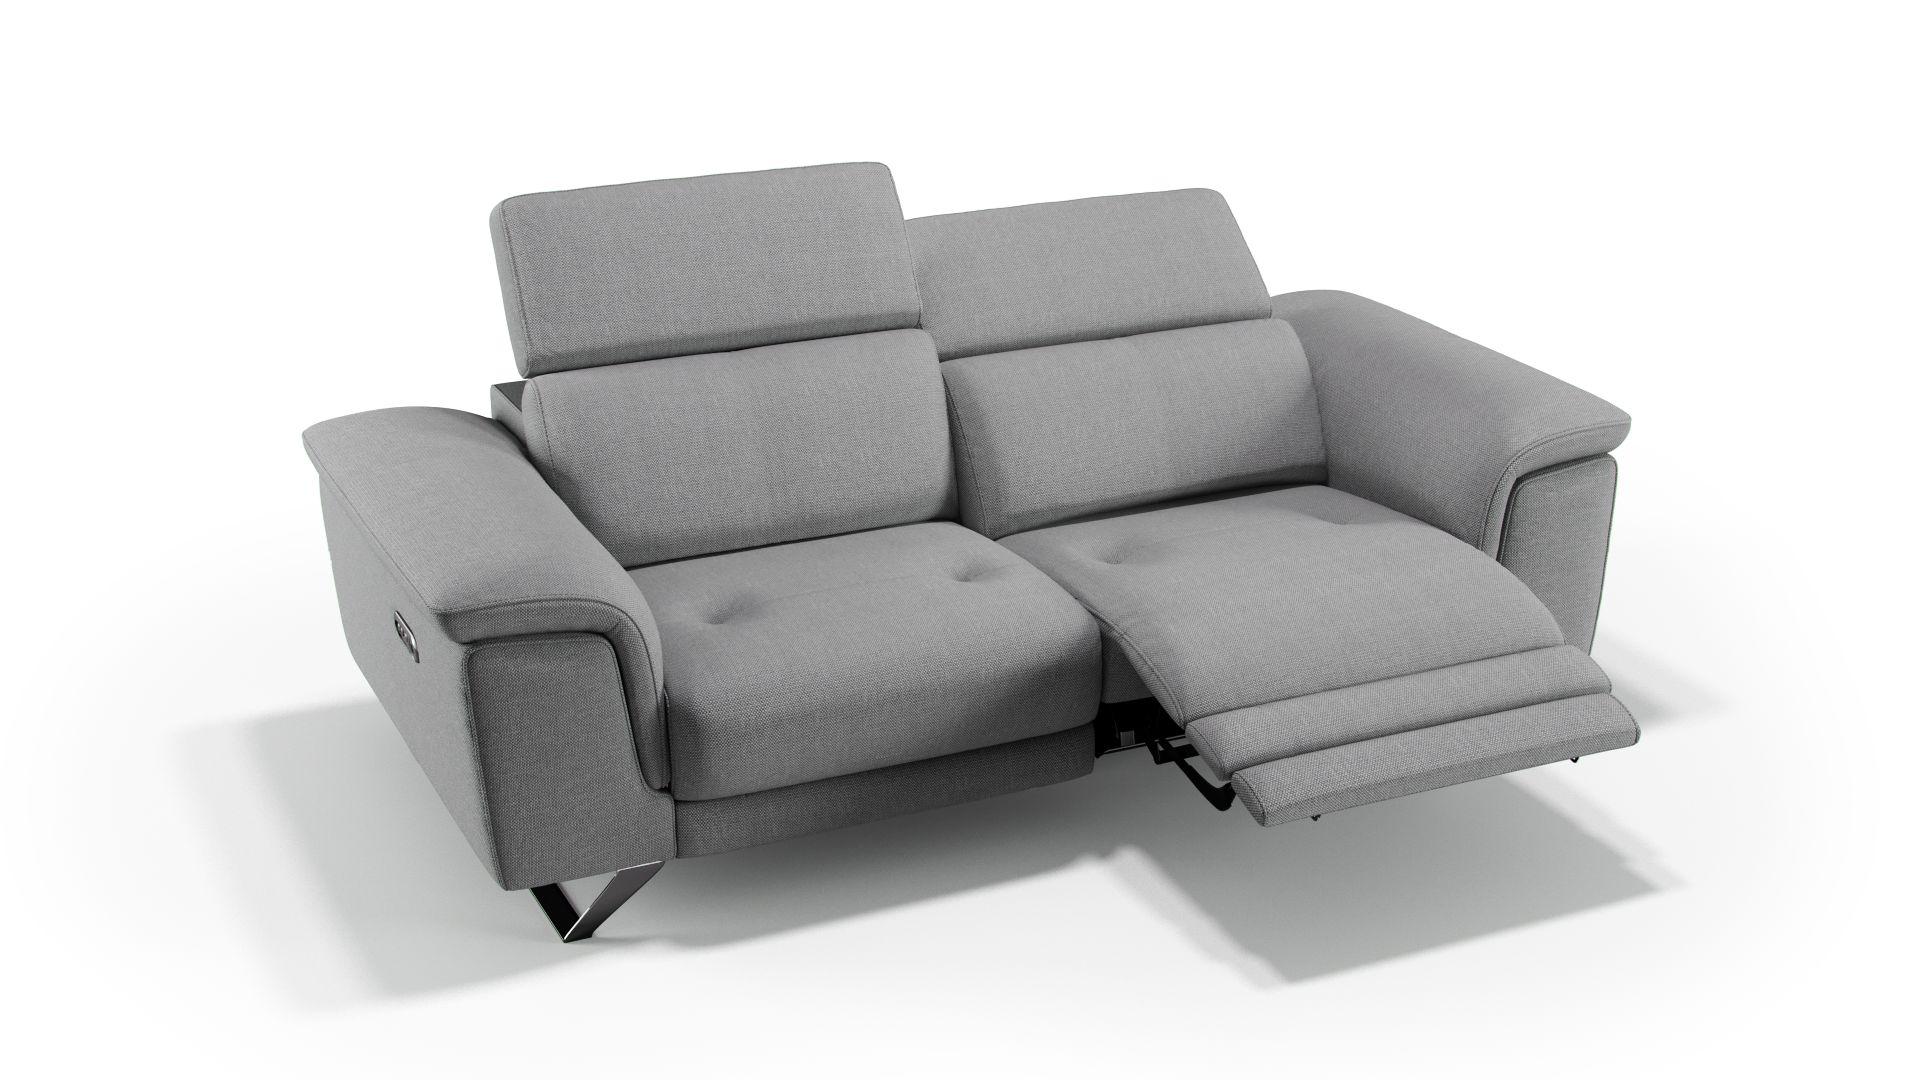 Full Size of 2 Sitzer Sofa Mit Relaxfunktion Elektrisch Leder 5 Sitzer   Grau 196 Cm Breit Stoff 2 Sitzer City Integrierter Tischablage Und Stauraumfach Elektrischer Sofa 2 Sitzer Sofa Mit Relaxfunktion